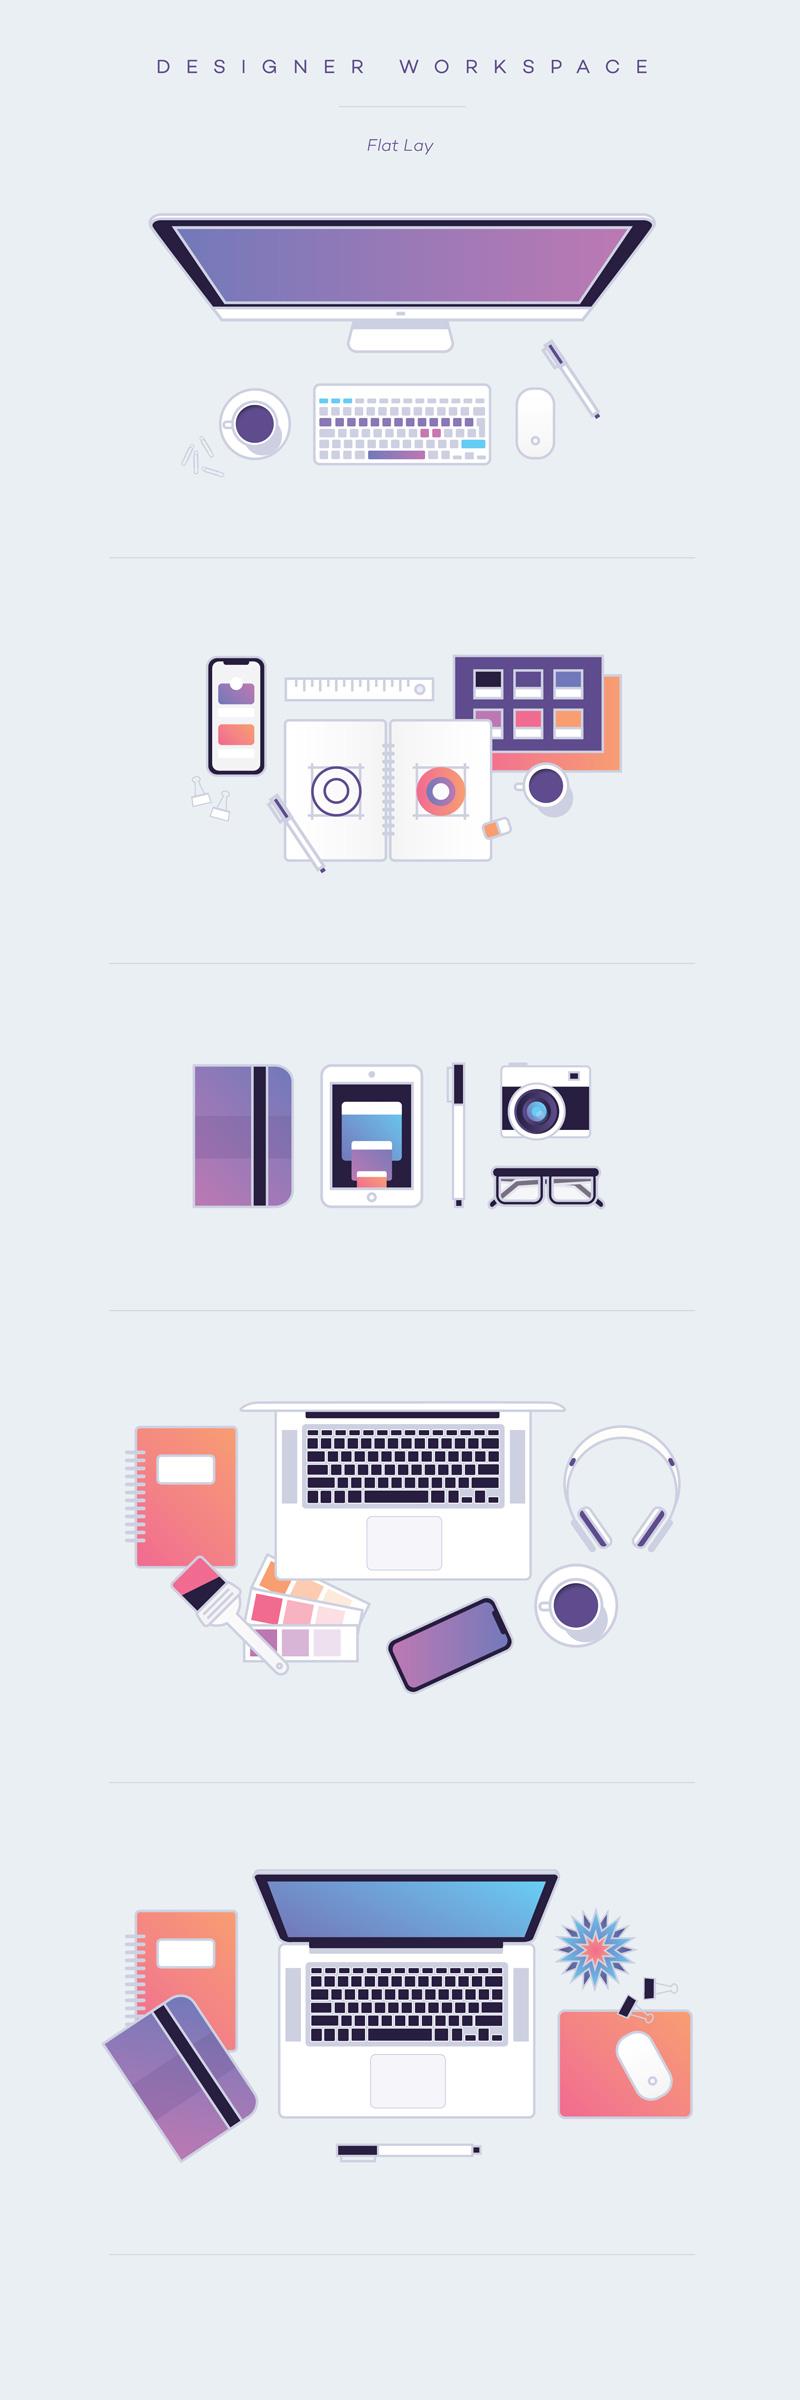 DesignerWorkspace_02